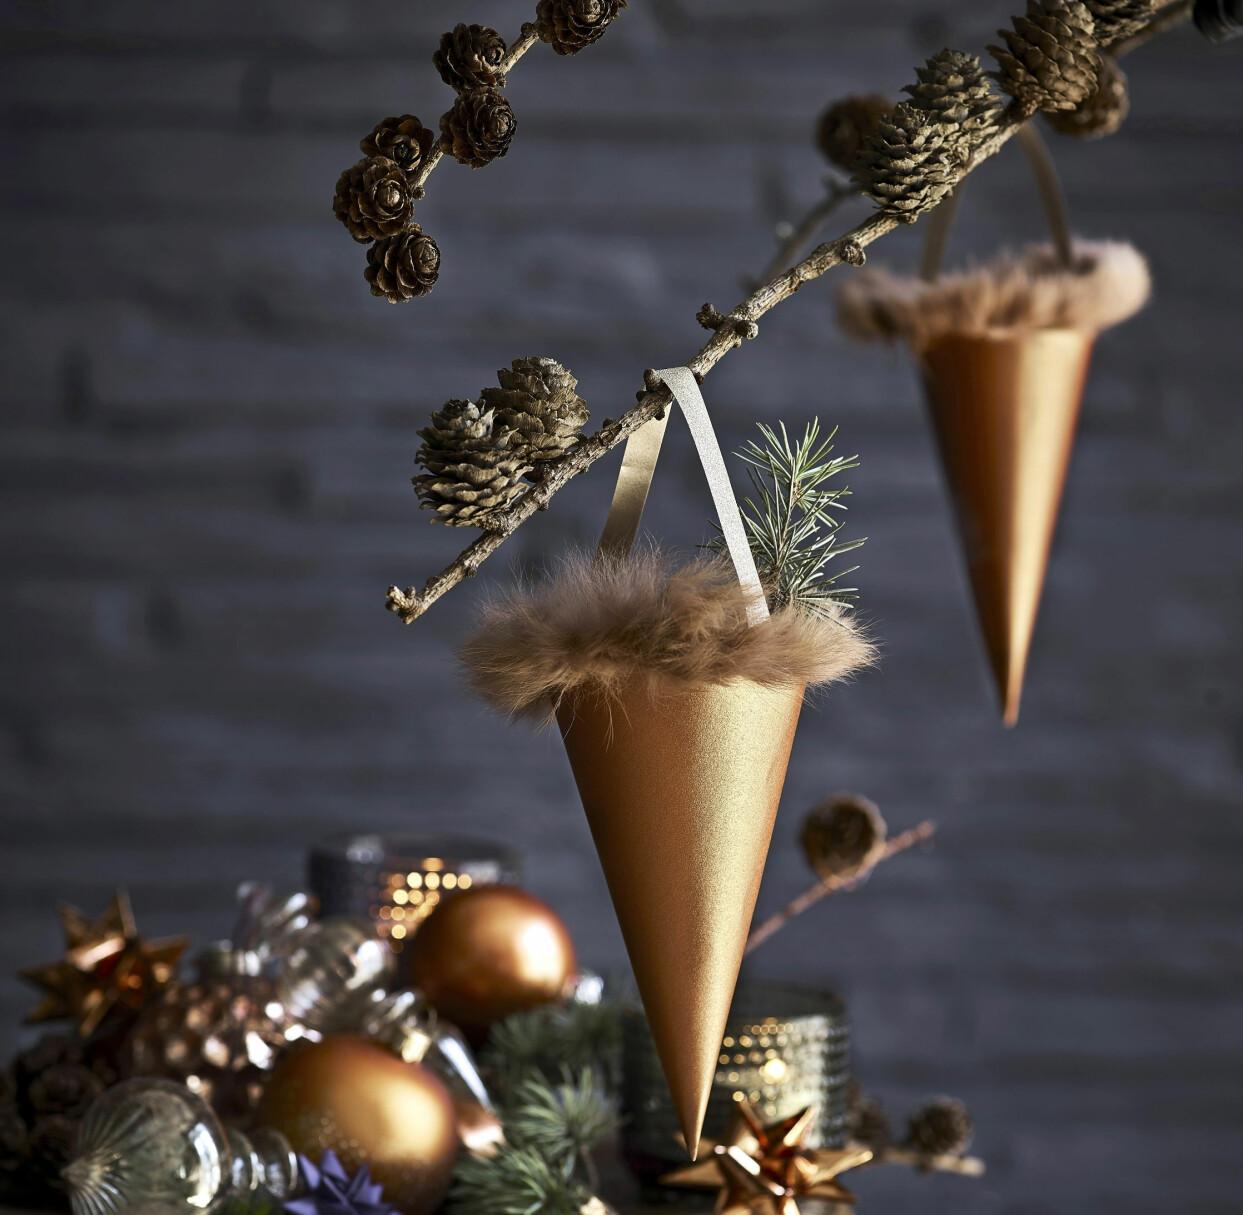 Hemgjorda pappersstrutar med pälskant upphängda i en gren med kottar.